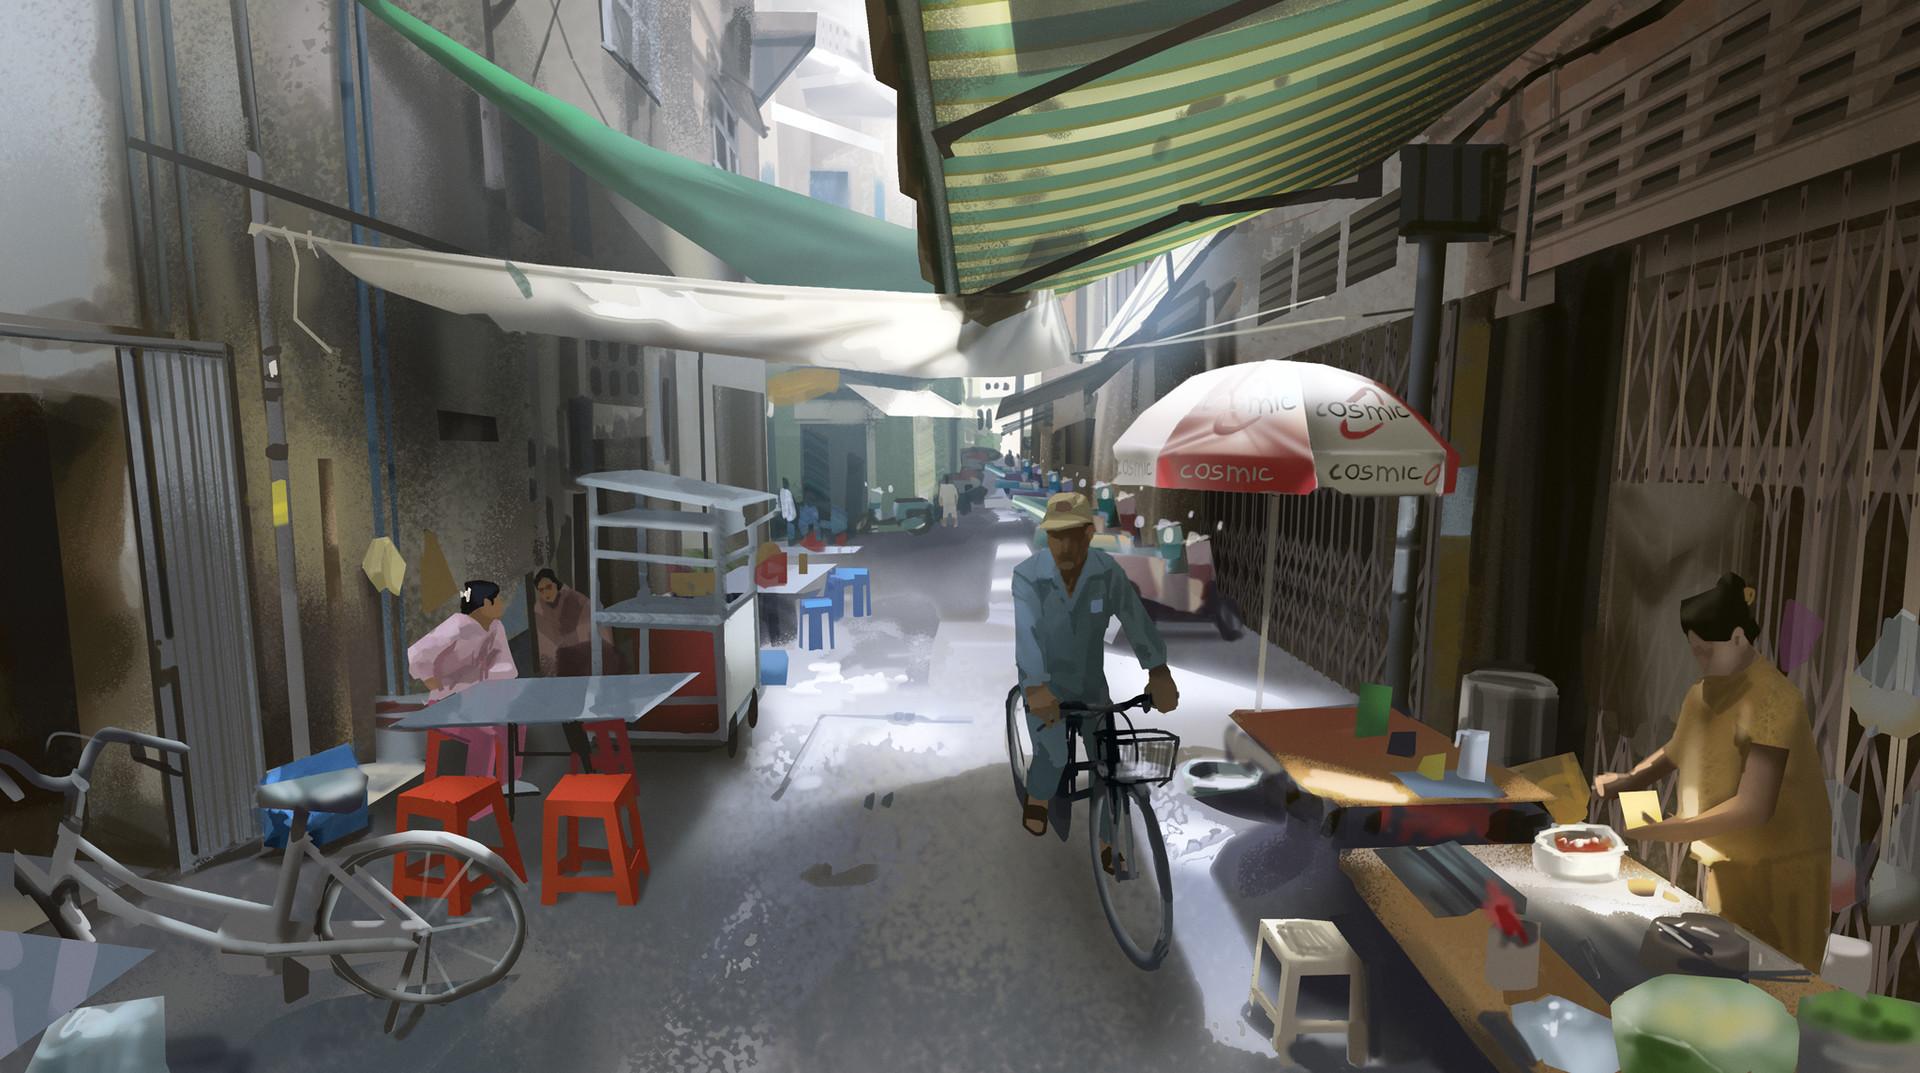 Phnom Penh - Bikes